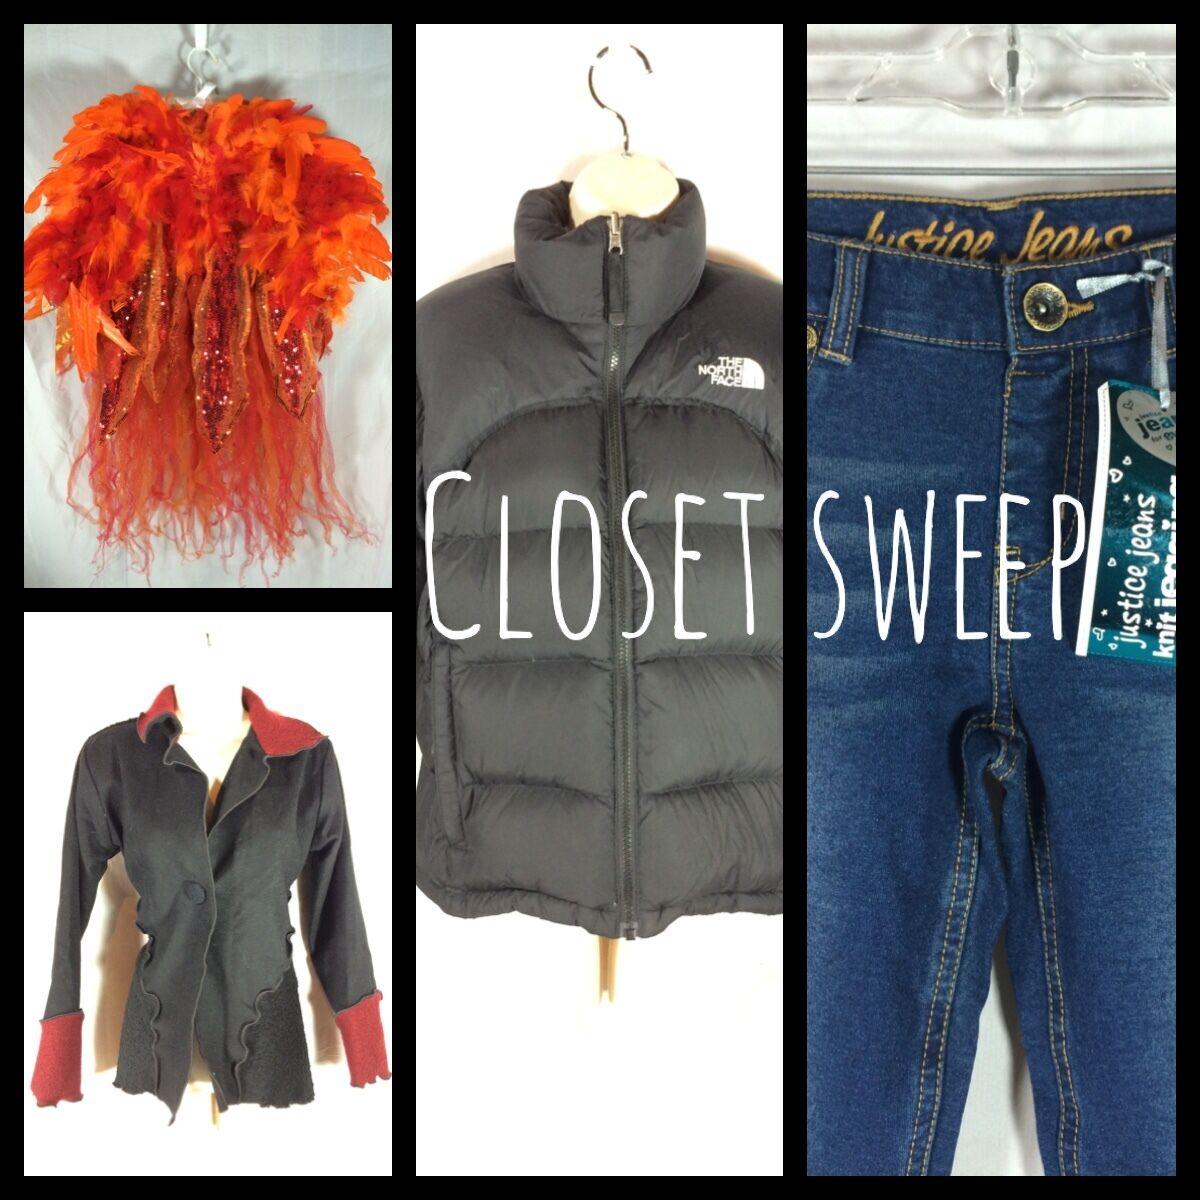 closet sweep